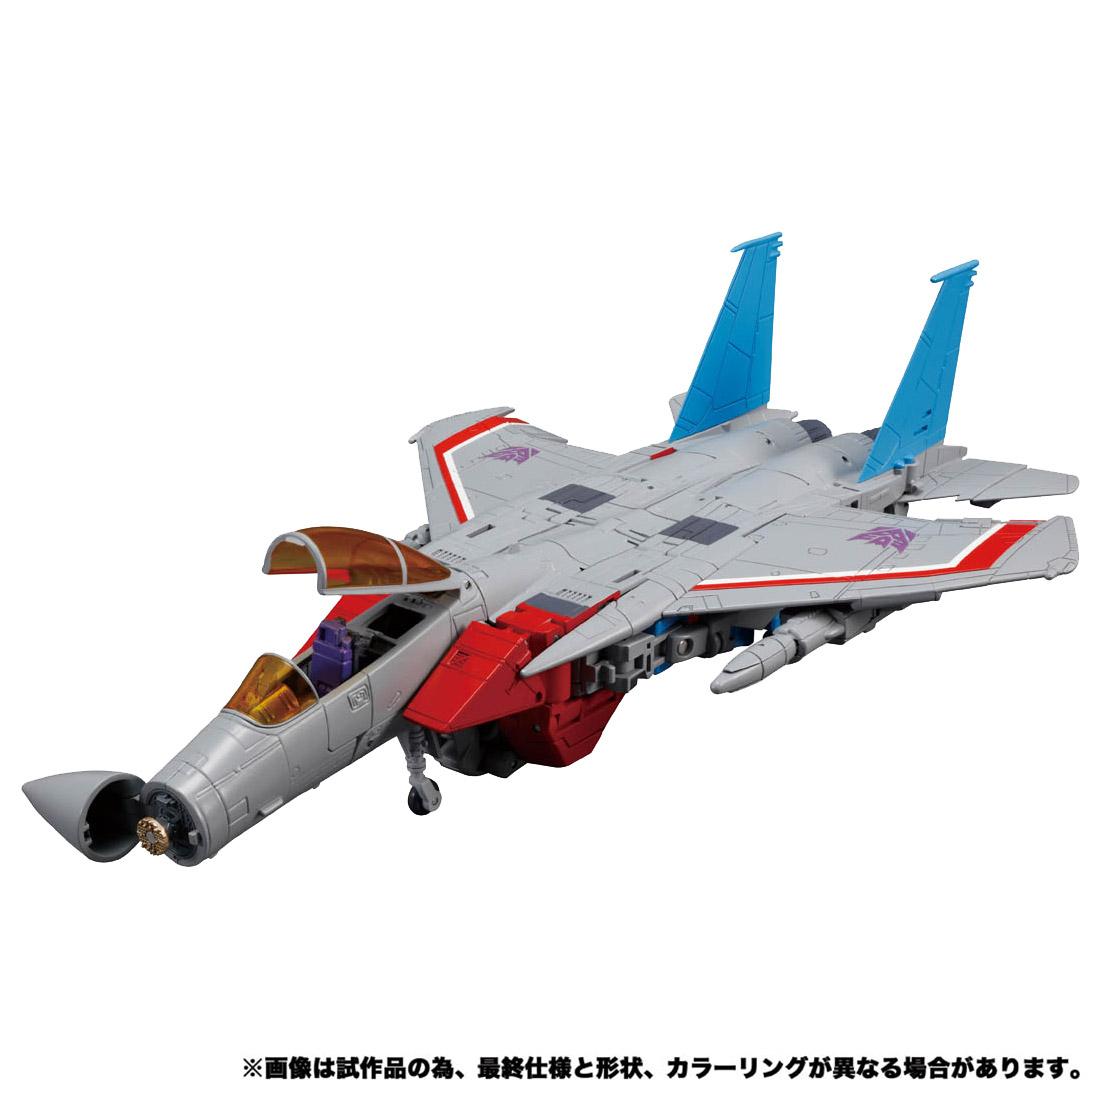 マスターピース『MP-52 スタースクリームVer.2.0』トランスフォーマー 可変可動フィギュア-008